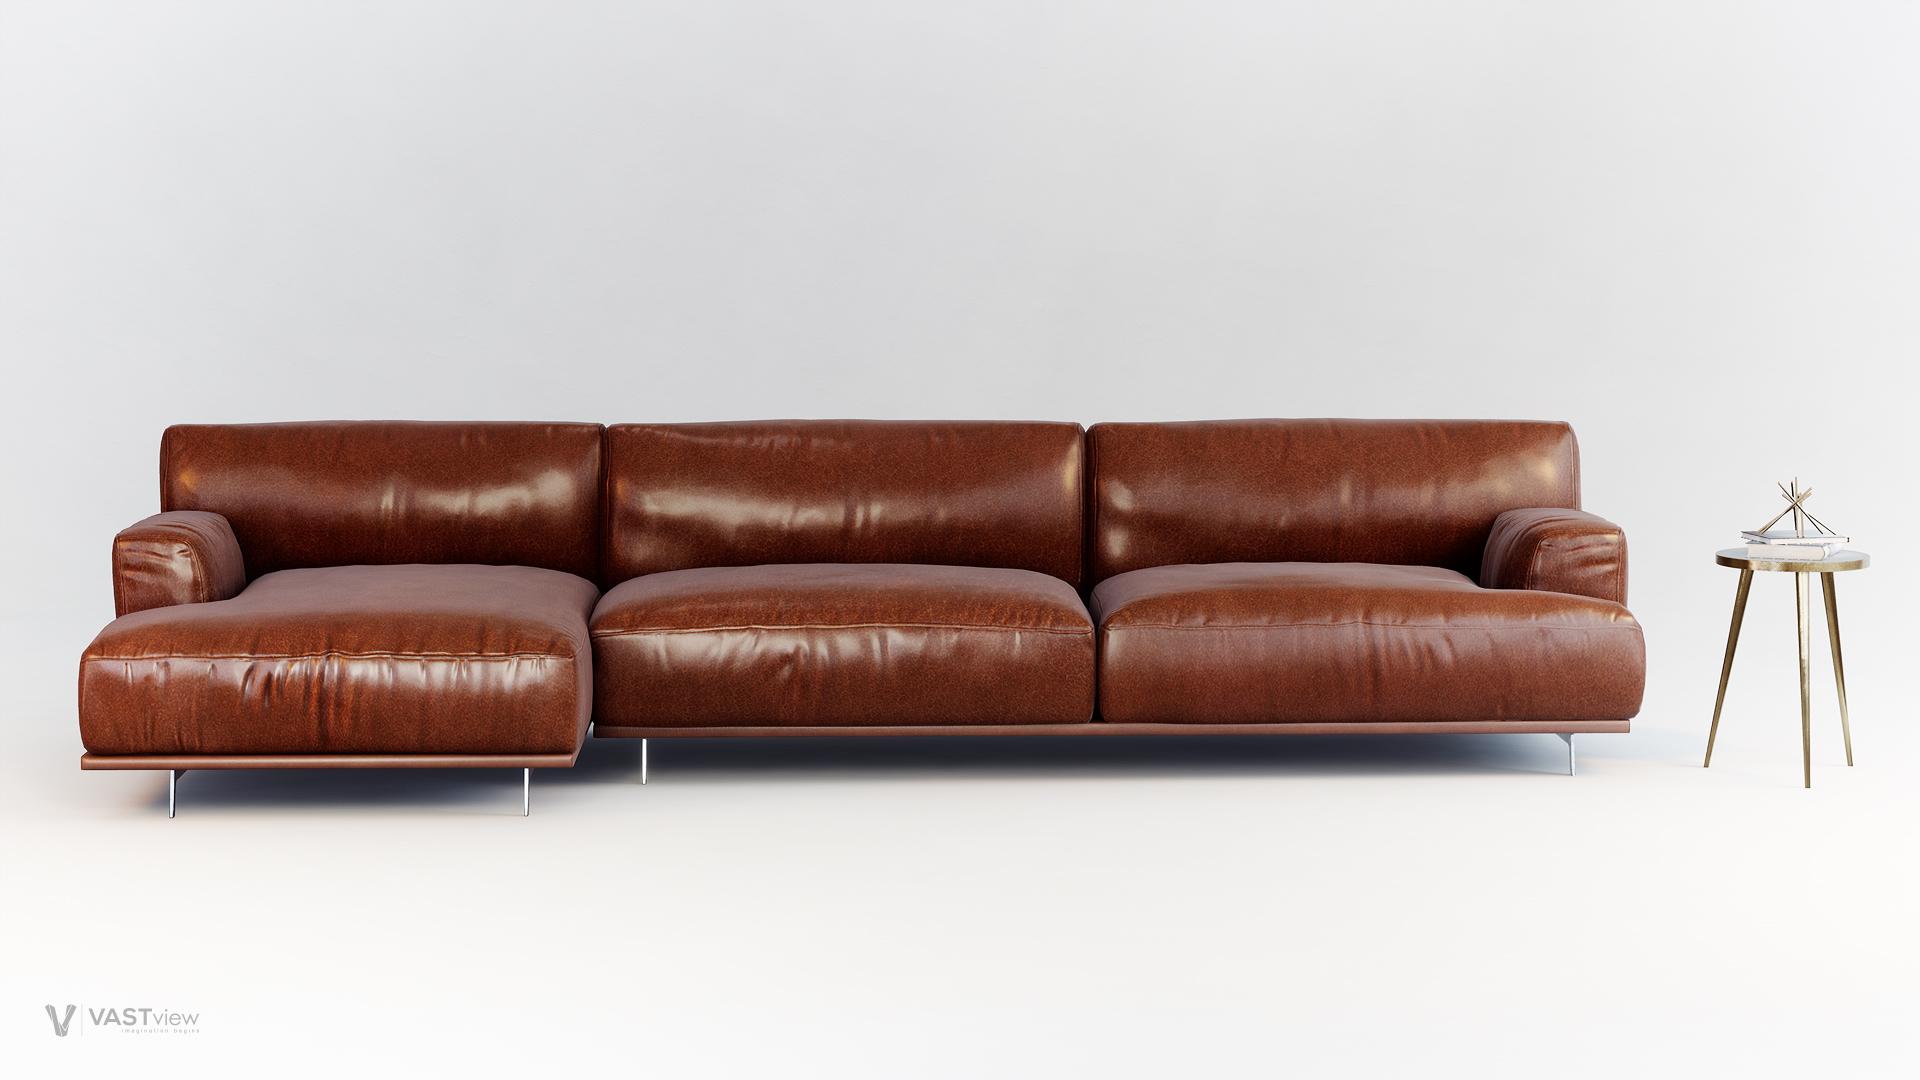 Home/Shop/Furniture/Sofas/Tribeca Sofa